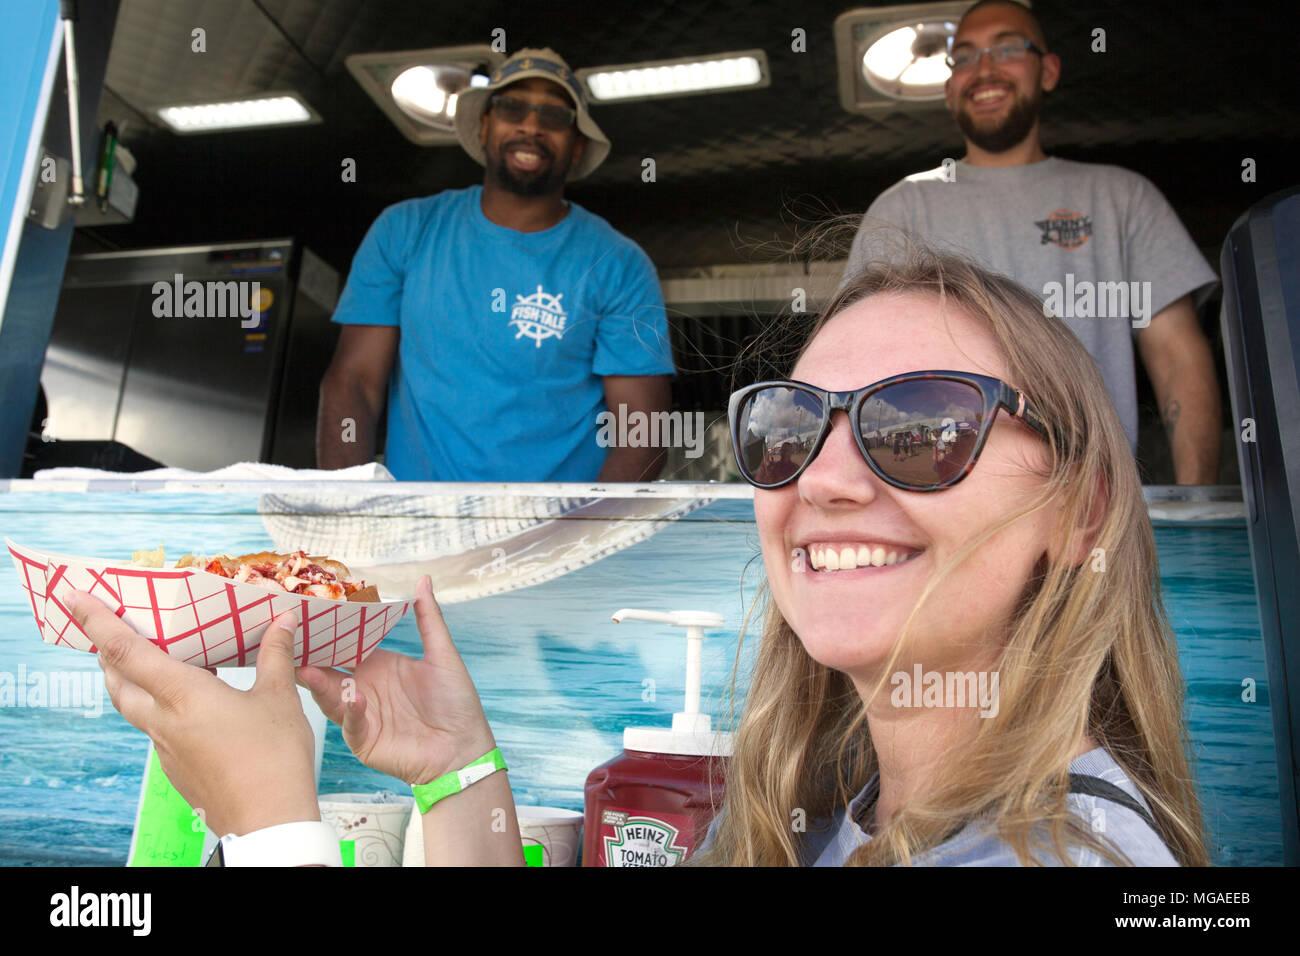 Retrato de un cliente satisfecho, feliz hembra delante de un camión de alimentos de carnaval con un basketful de aros de cebolla frita Imagen De Stock